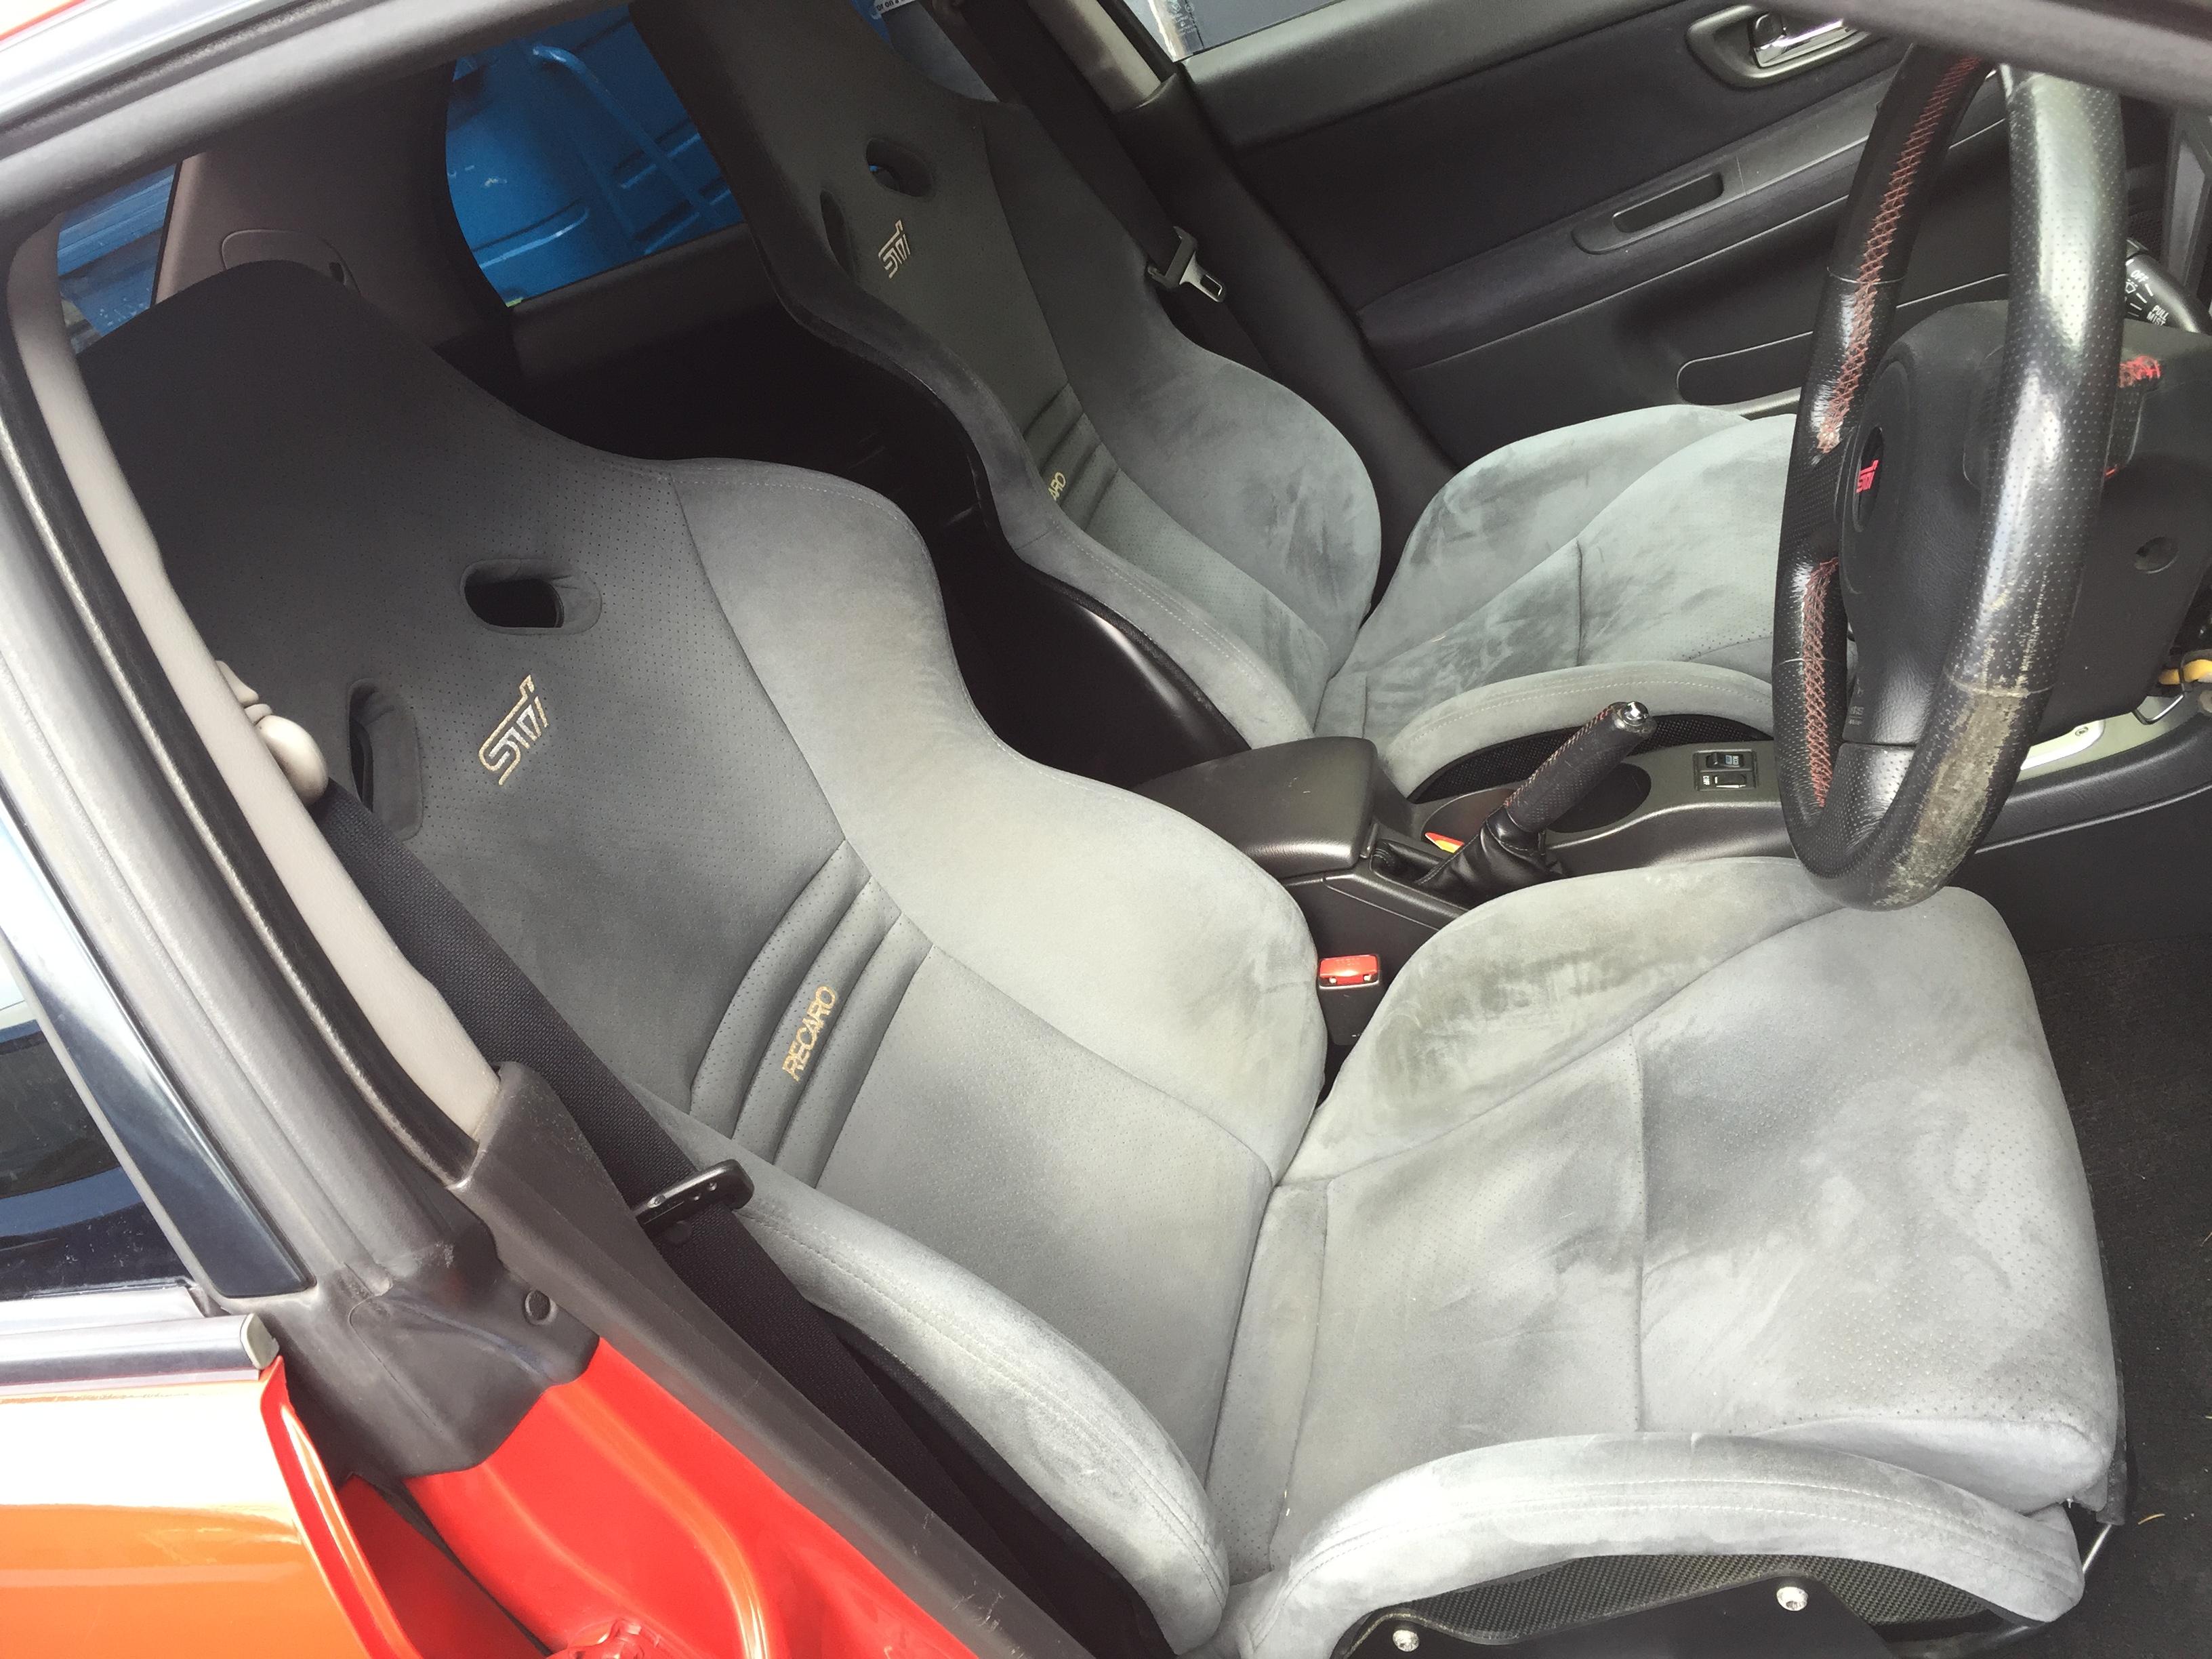 Genuine Impreza Sti S203 carbon Recaro seats